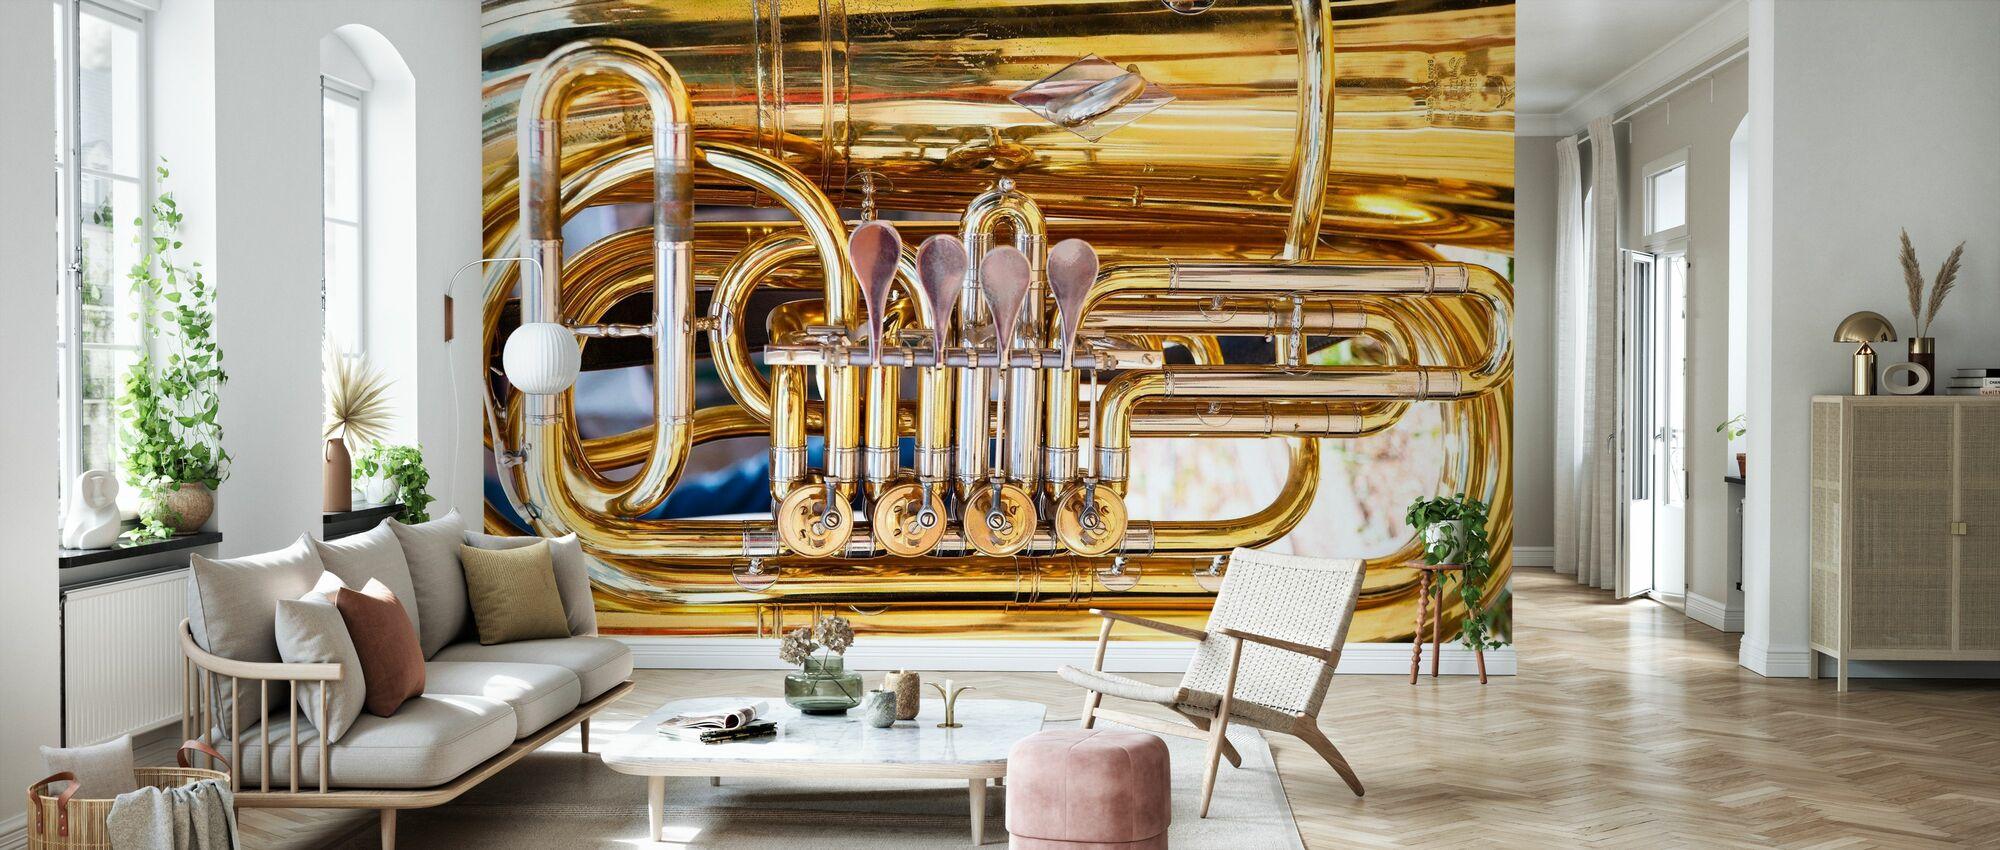 Valve pour corne laiton - Tuba - Papier peint - Salle à manger